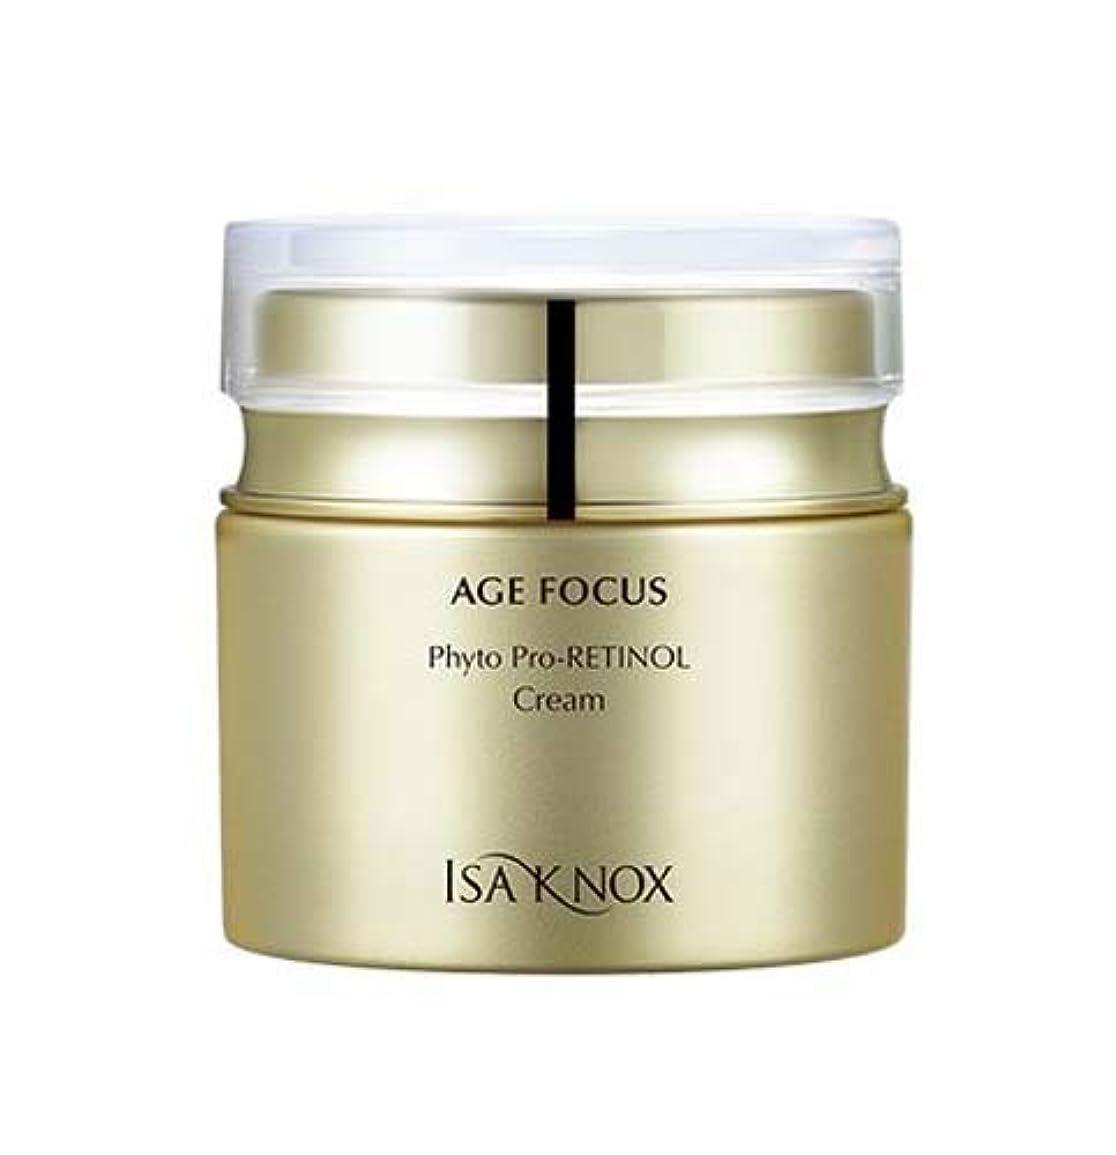 紫のフォージ自信がある[イザノックス] ISA KNOX [エイジフォーカス フィト プロレチノール クリーム 50ml] AGE FOCUS Pro-Retinol Cream 50ml [海外直送品]